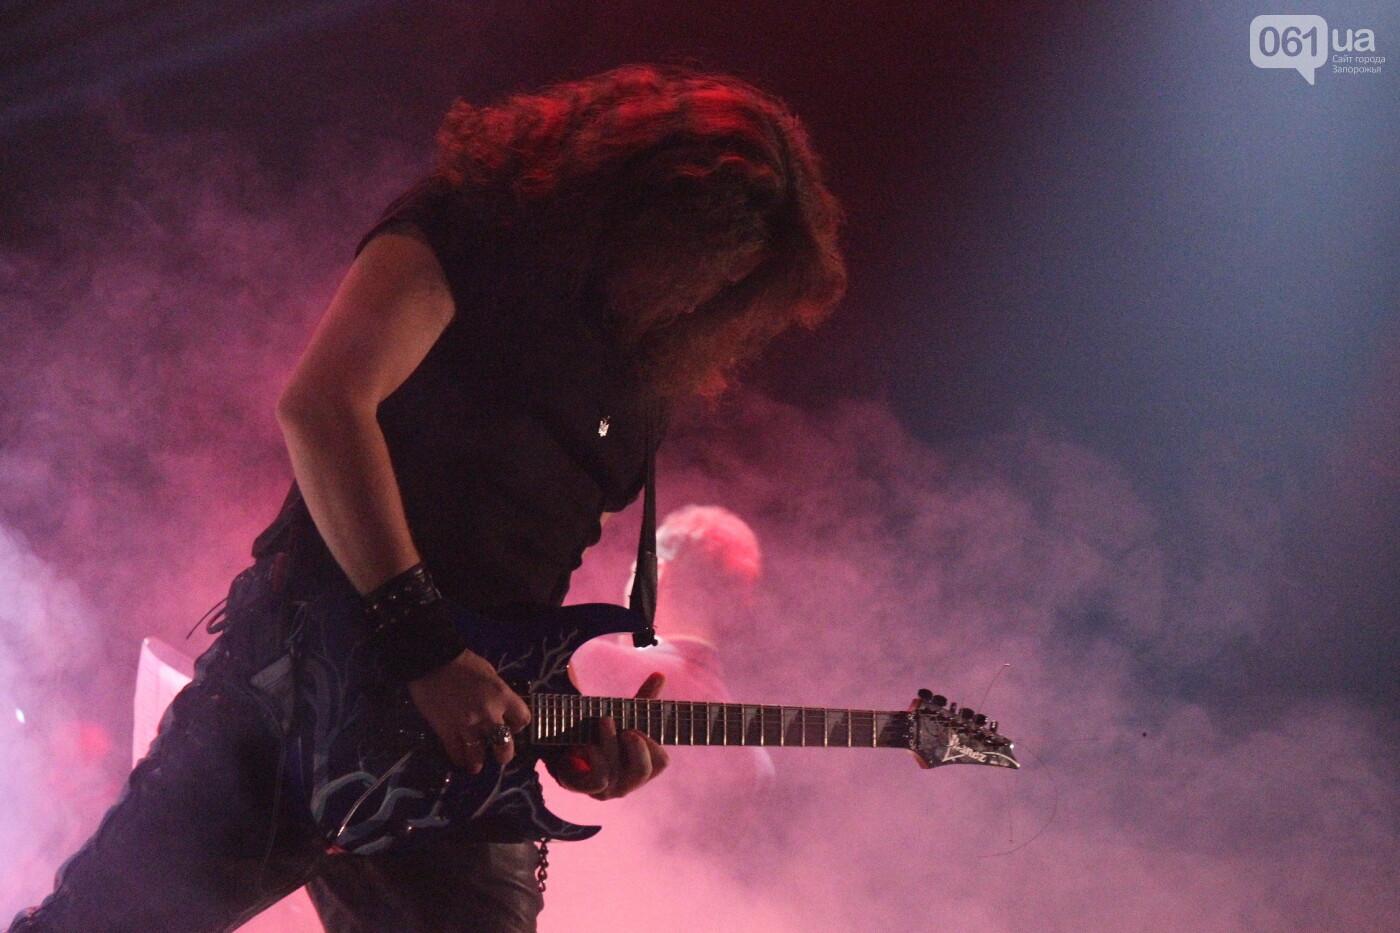 Тяжелый рок в симфоническом звучании: каким было Hard Rock Show в Запорожье, – ФОТОРЕПОРТАЖ, фото-22